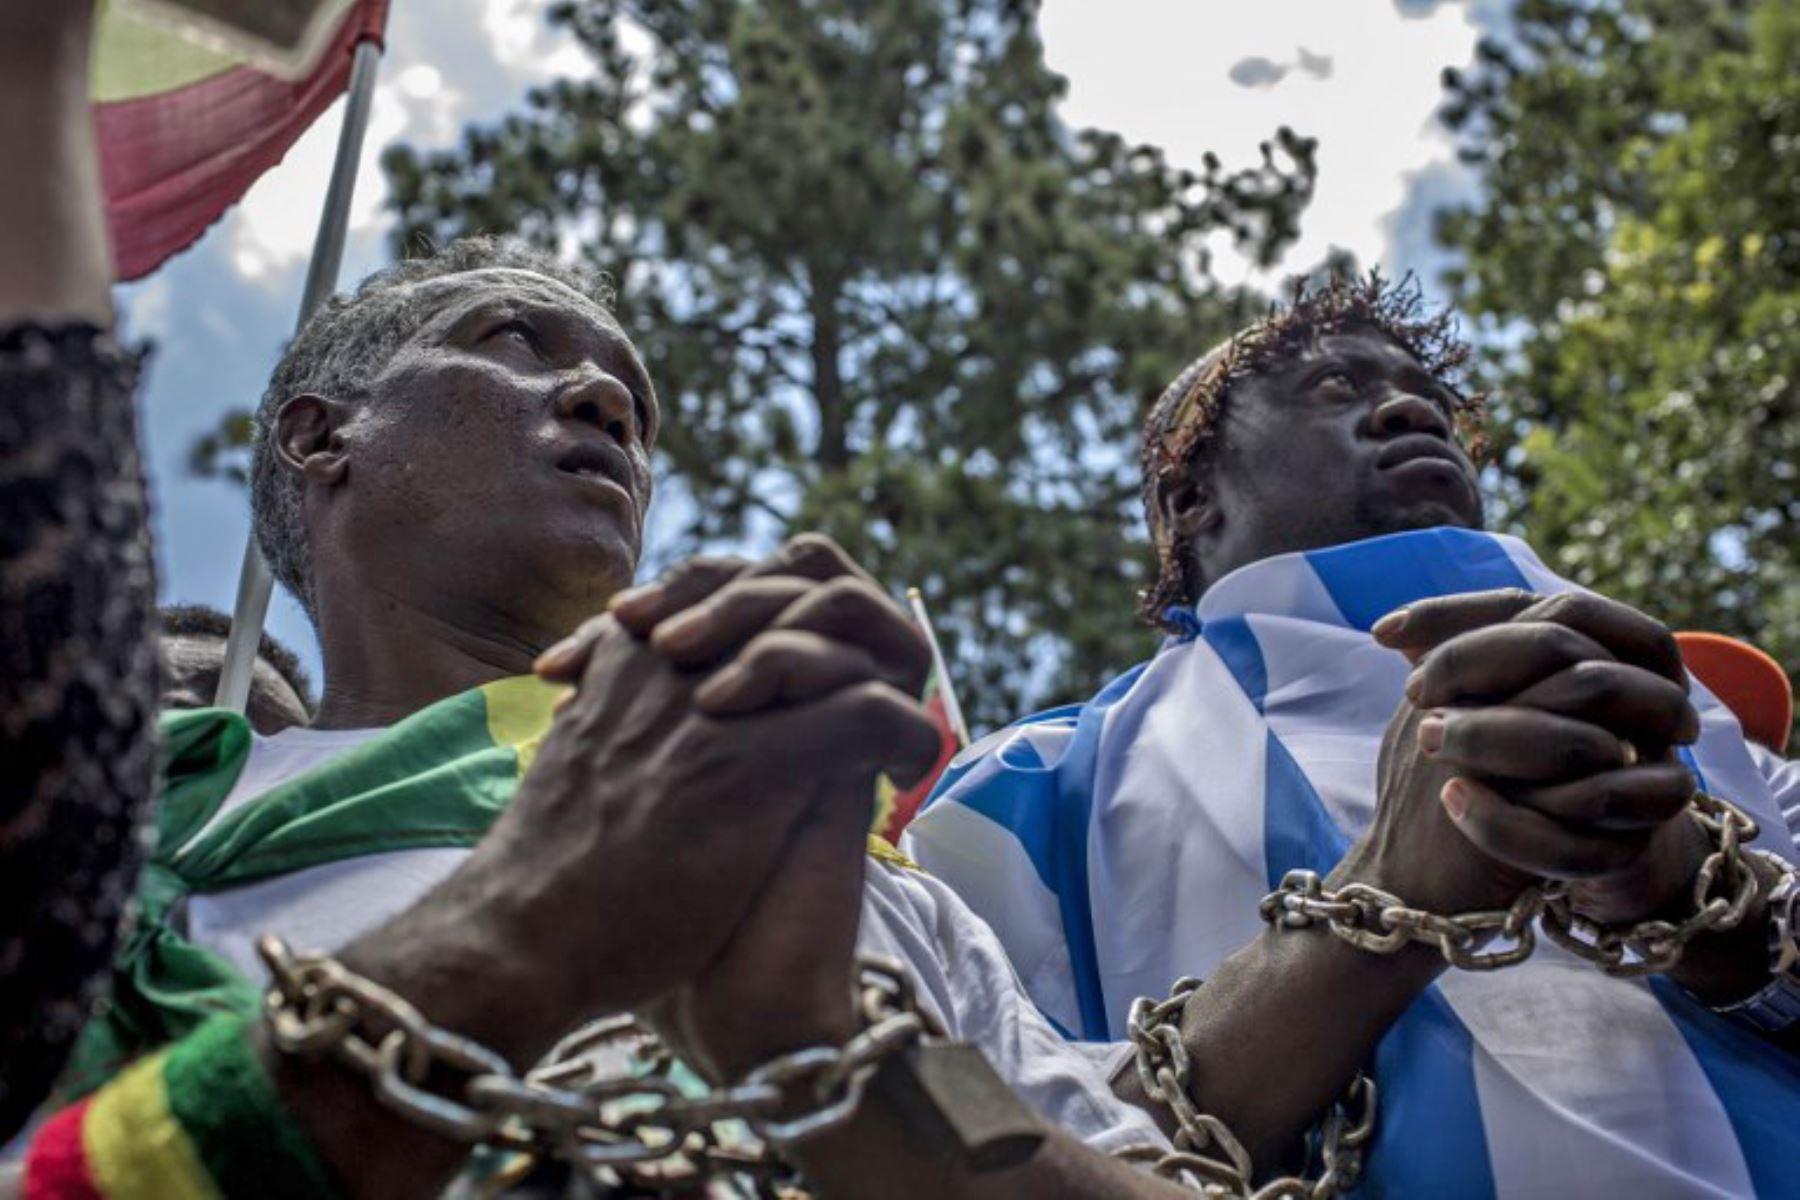 Manifestación contra la trata de esclavos y el tráfico de personas en Libia. Foto: AFP